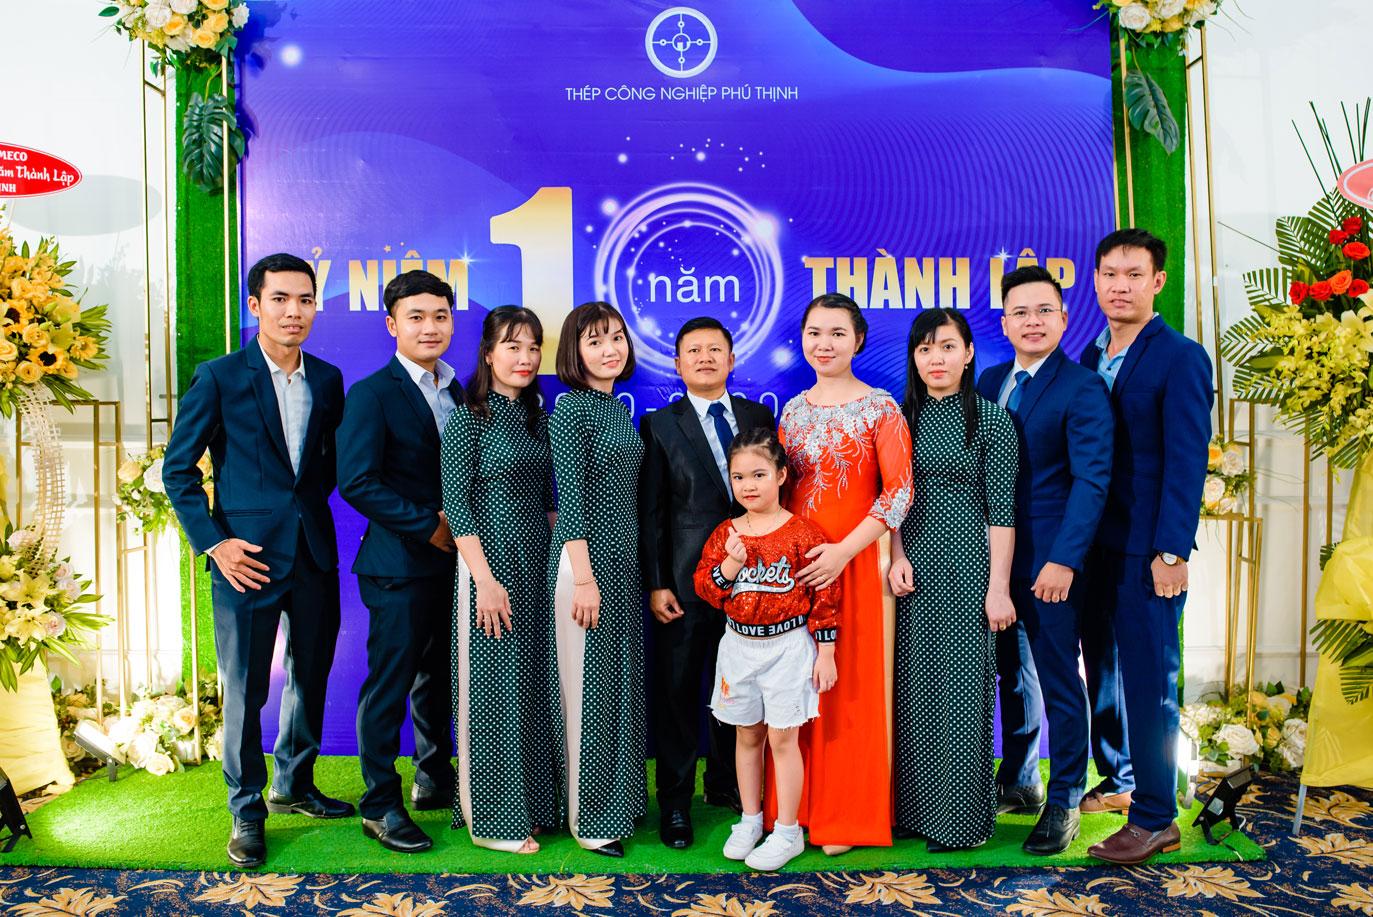 Đội ngũ nhân viên trẻ năng động sáng tạo Thép công nghiệp Phú Thịnh